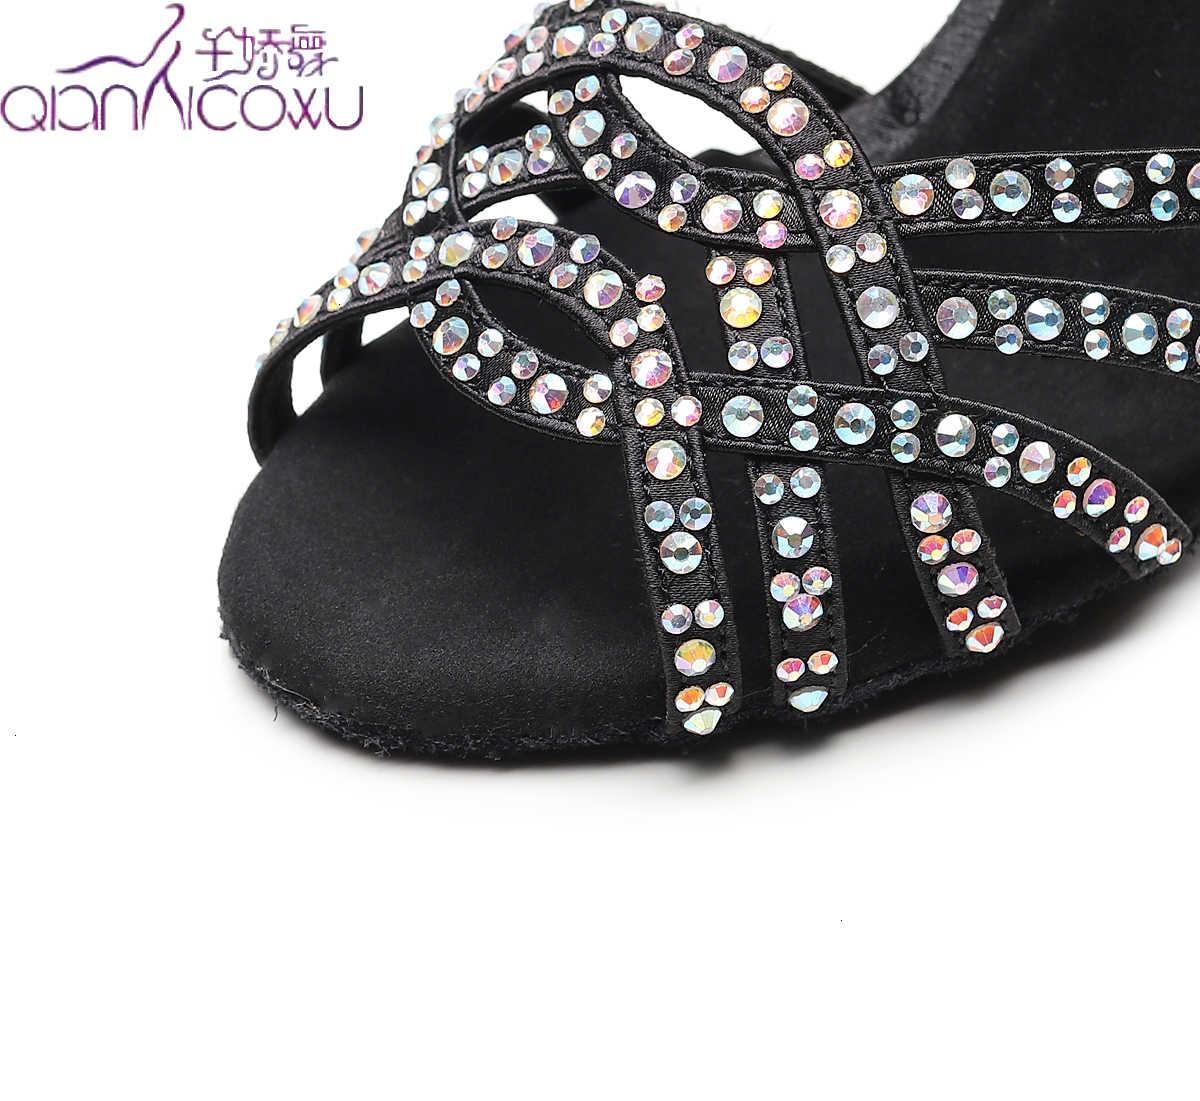 Fabrika doğrudan satış Salsa caz balo salonu Latin dans ayakkabıları dans kadın Modern musluk Latin topuklu 1036 yaz sandalet